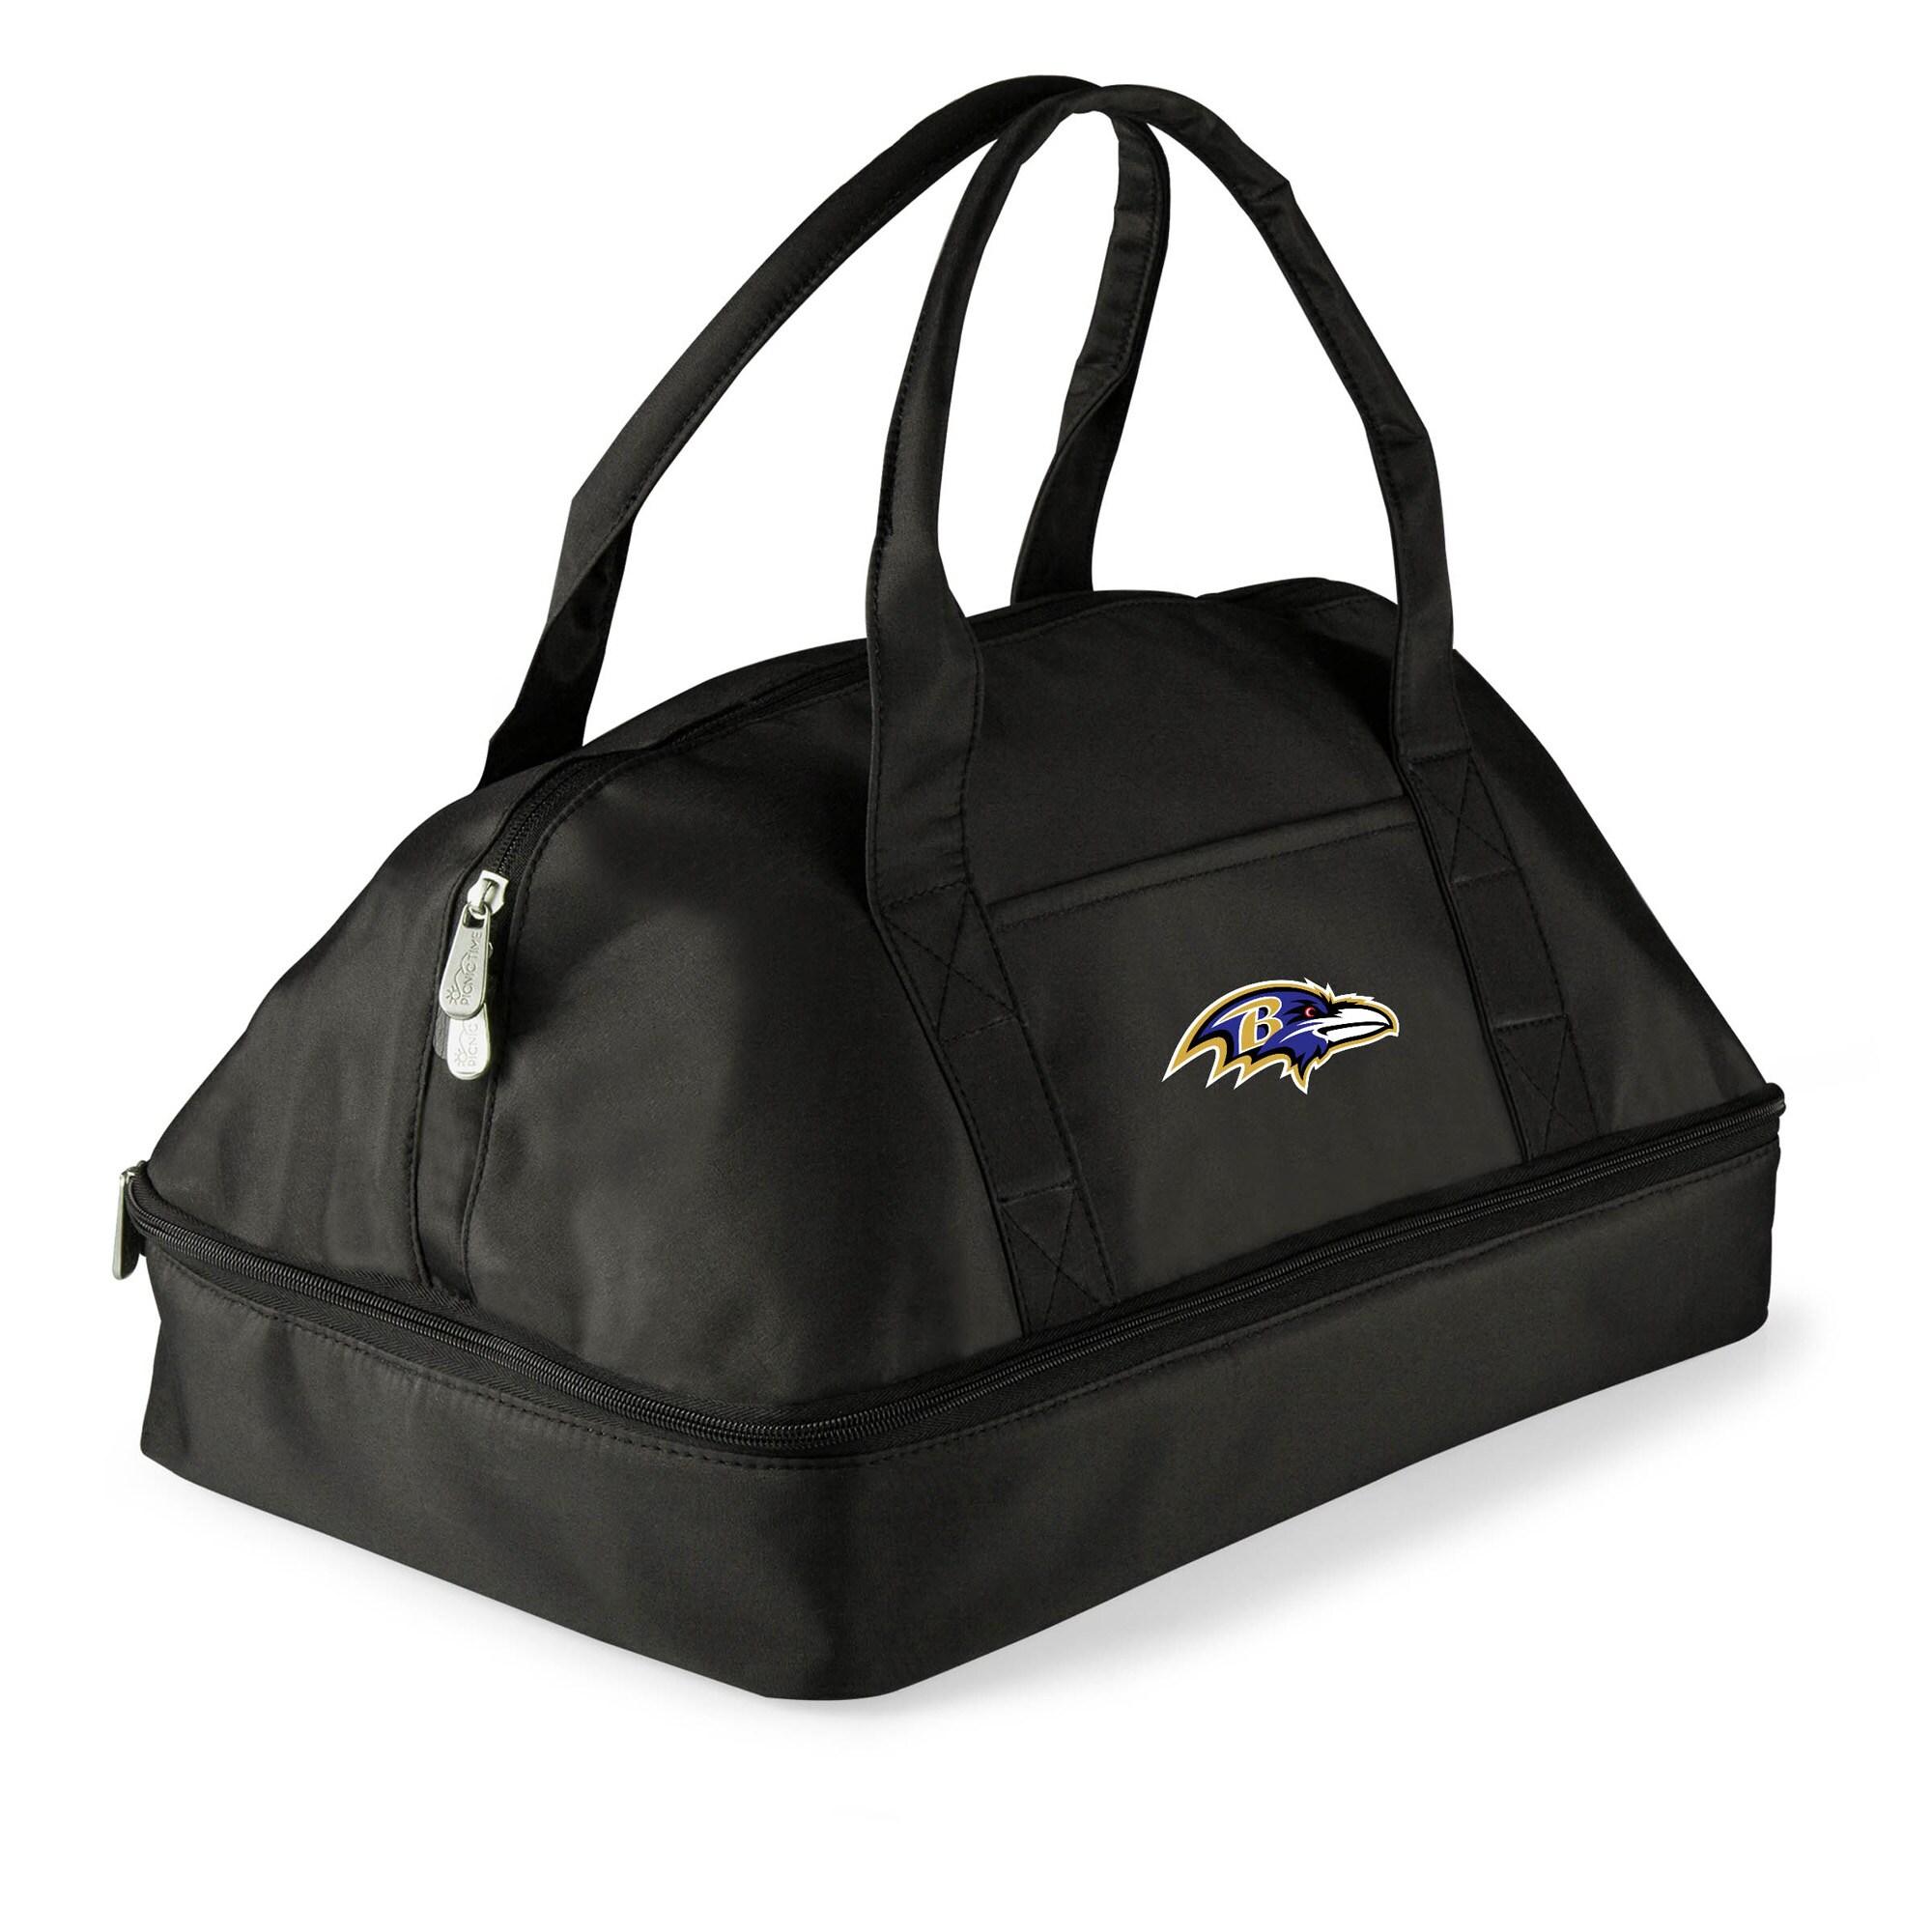 Baltimore Ravens Potluck Casserole Tote - Black